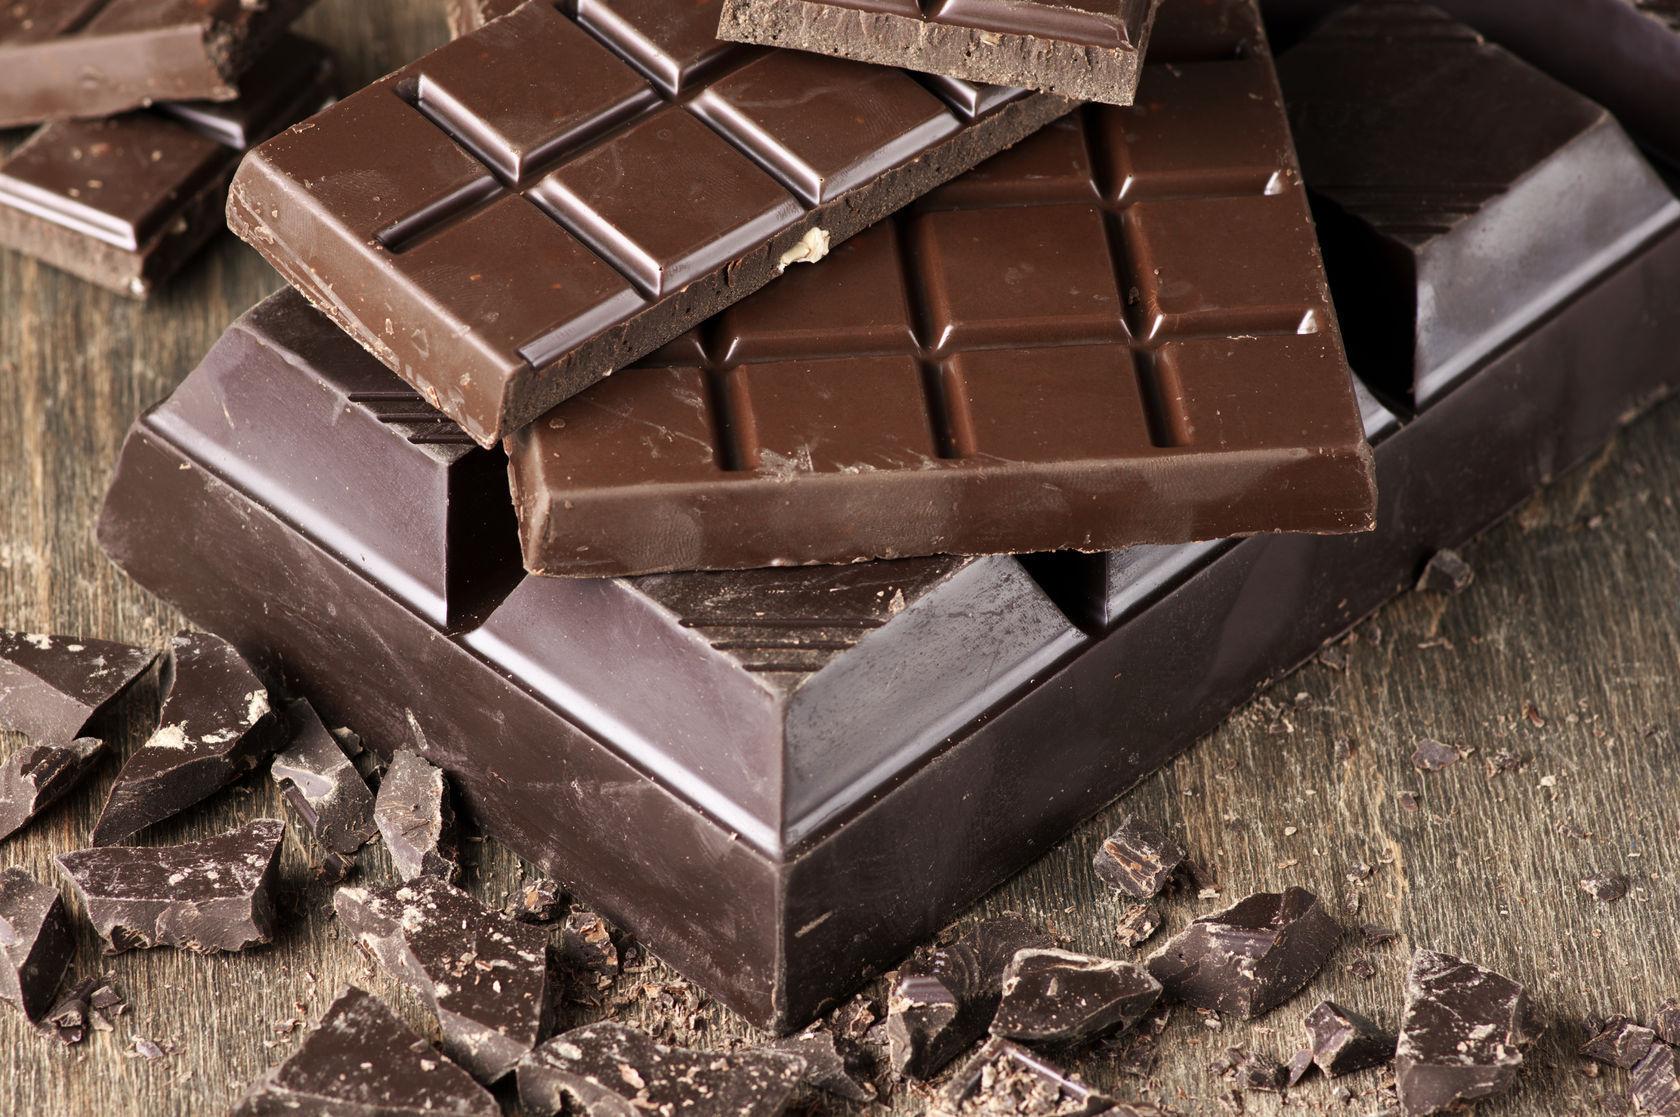 Ciocolata şi zodiile. Ţie ce ţi se potriveşte?